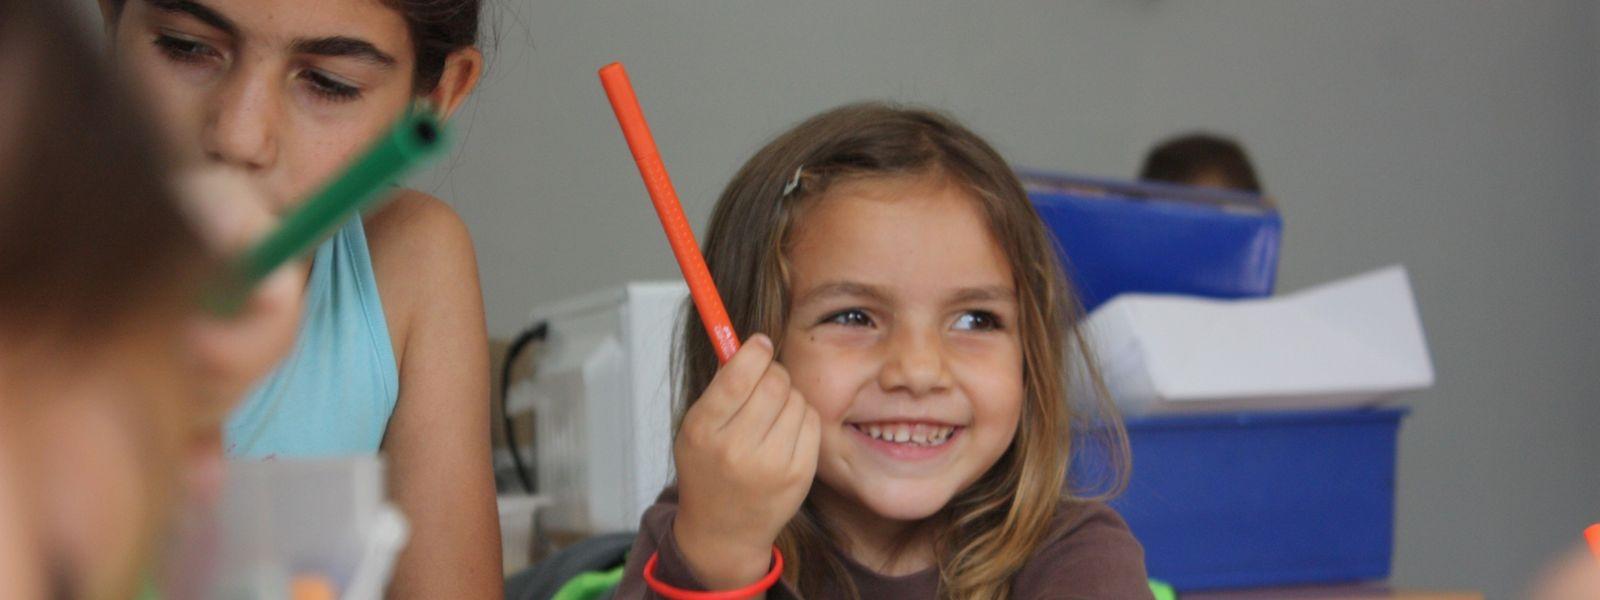 """Projekt zur Unterstützung von dyslexischen Kindern der """"Fondation Pax Christi"""" unter der Federführung der """"Fondation de Luxembourg""""."""